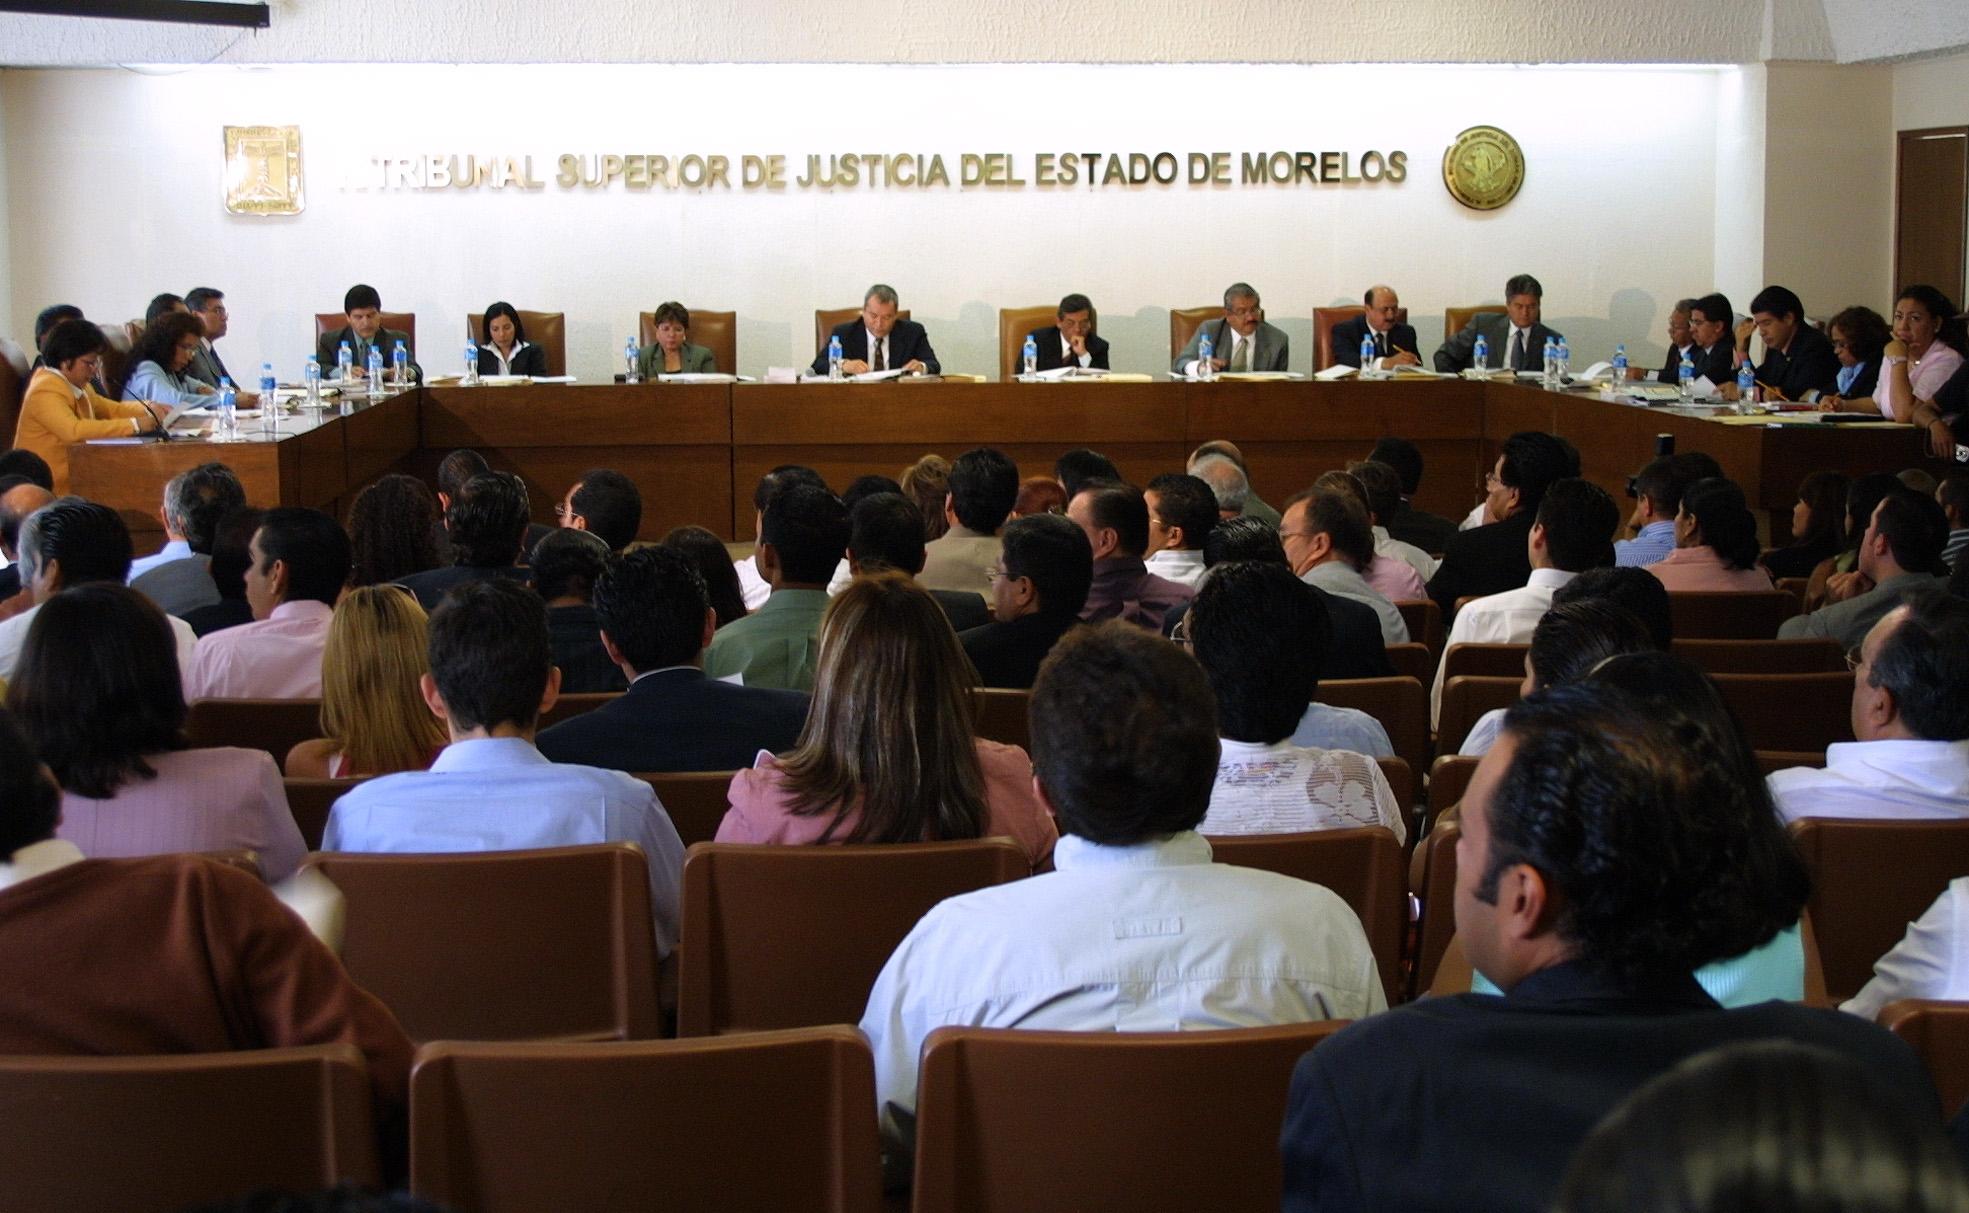 TSJ- Morelos, plagado de familiares y amigos de los magistrados